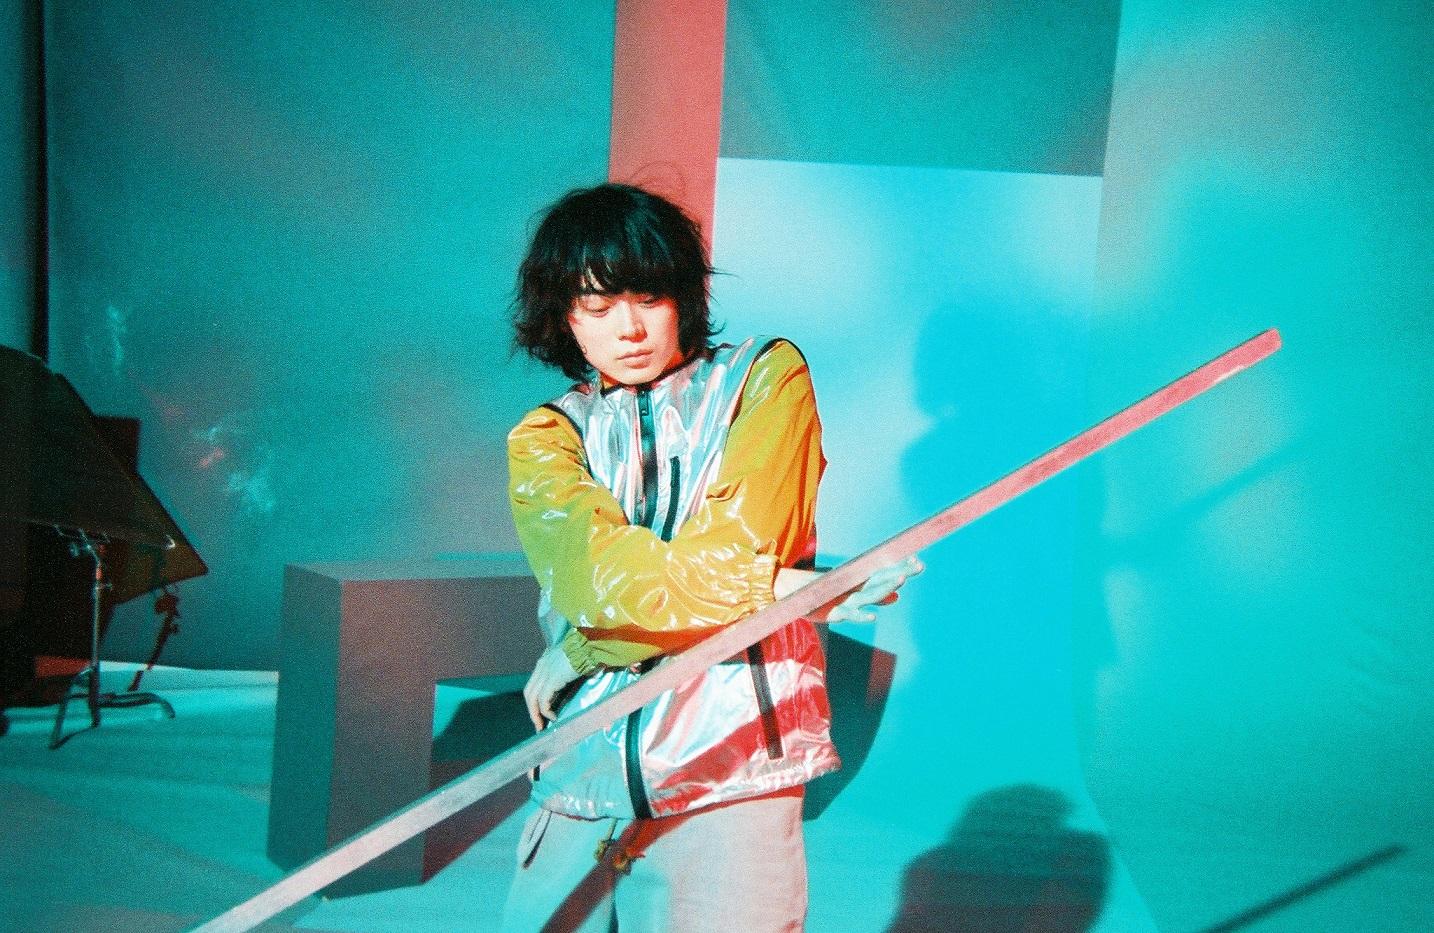 菅田将暉、三四郎・相田との共演に「ごっつ嫌」「こわいわ」と心境吐露サムネイル画像